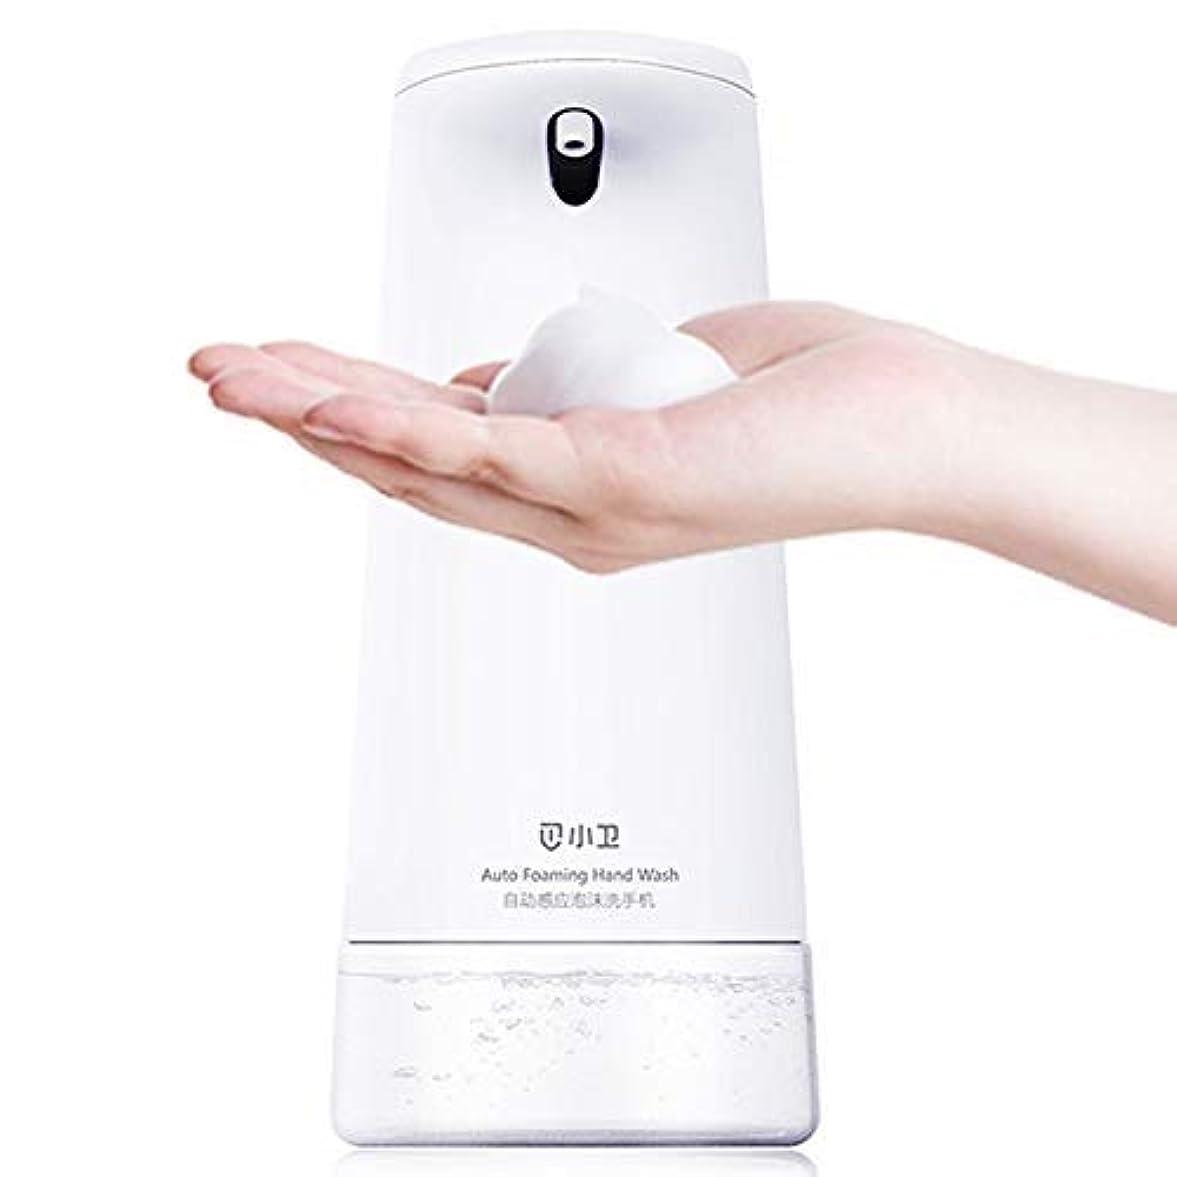 追い付く正確第二250ミリリットルインテリジェント自動泡石鹸ディスペンサー誘導発泡手洗い機ポータブル液体石鹸ディスペンサー浴室ツール